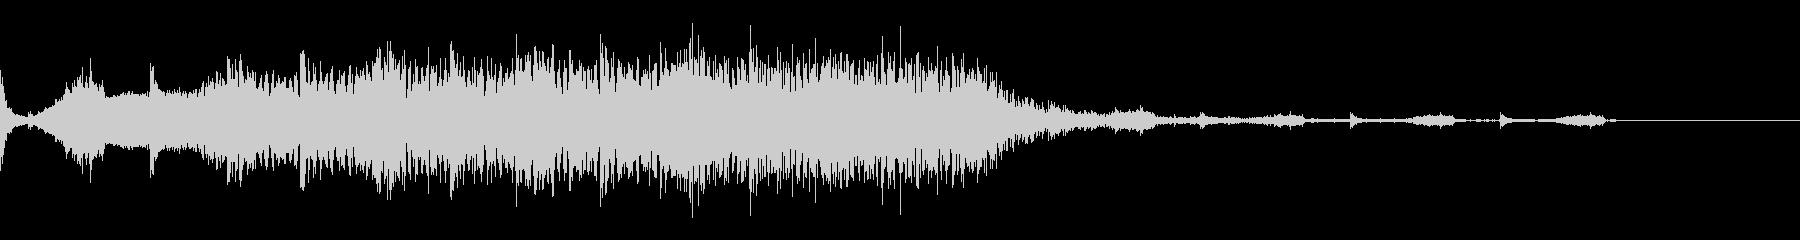 占う5 ホラー 不気味な音 ホワ〜ンの未再生の波形